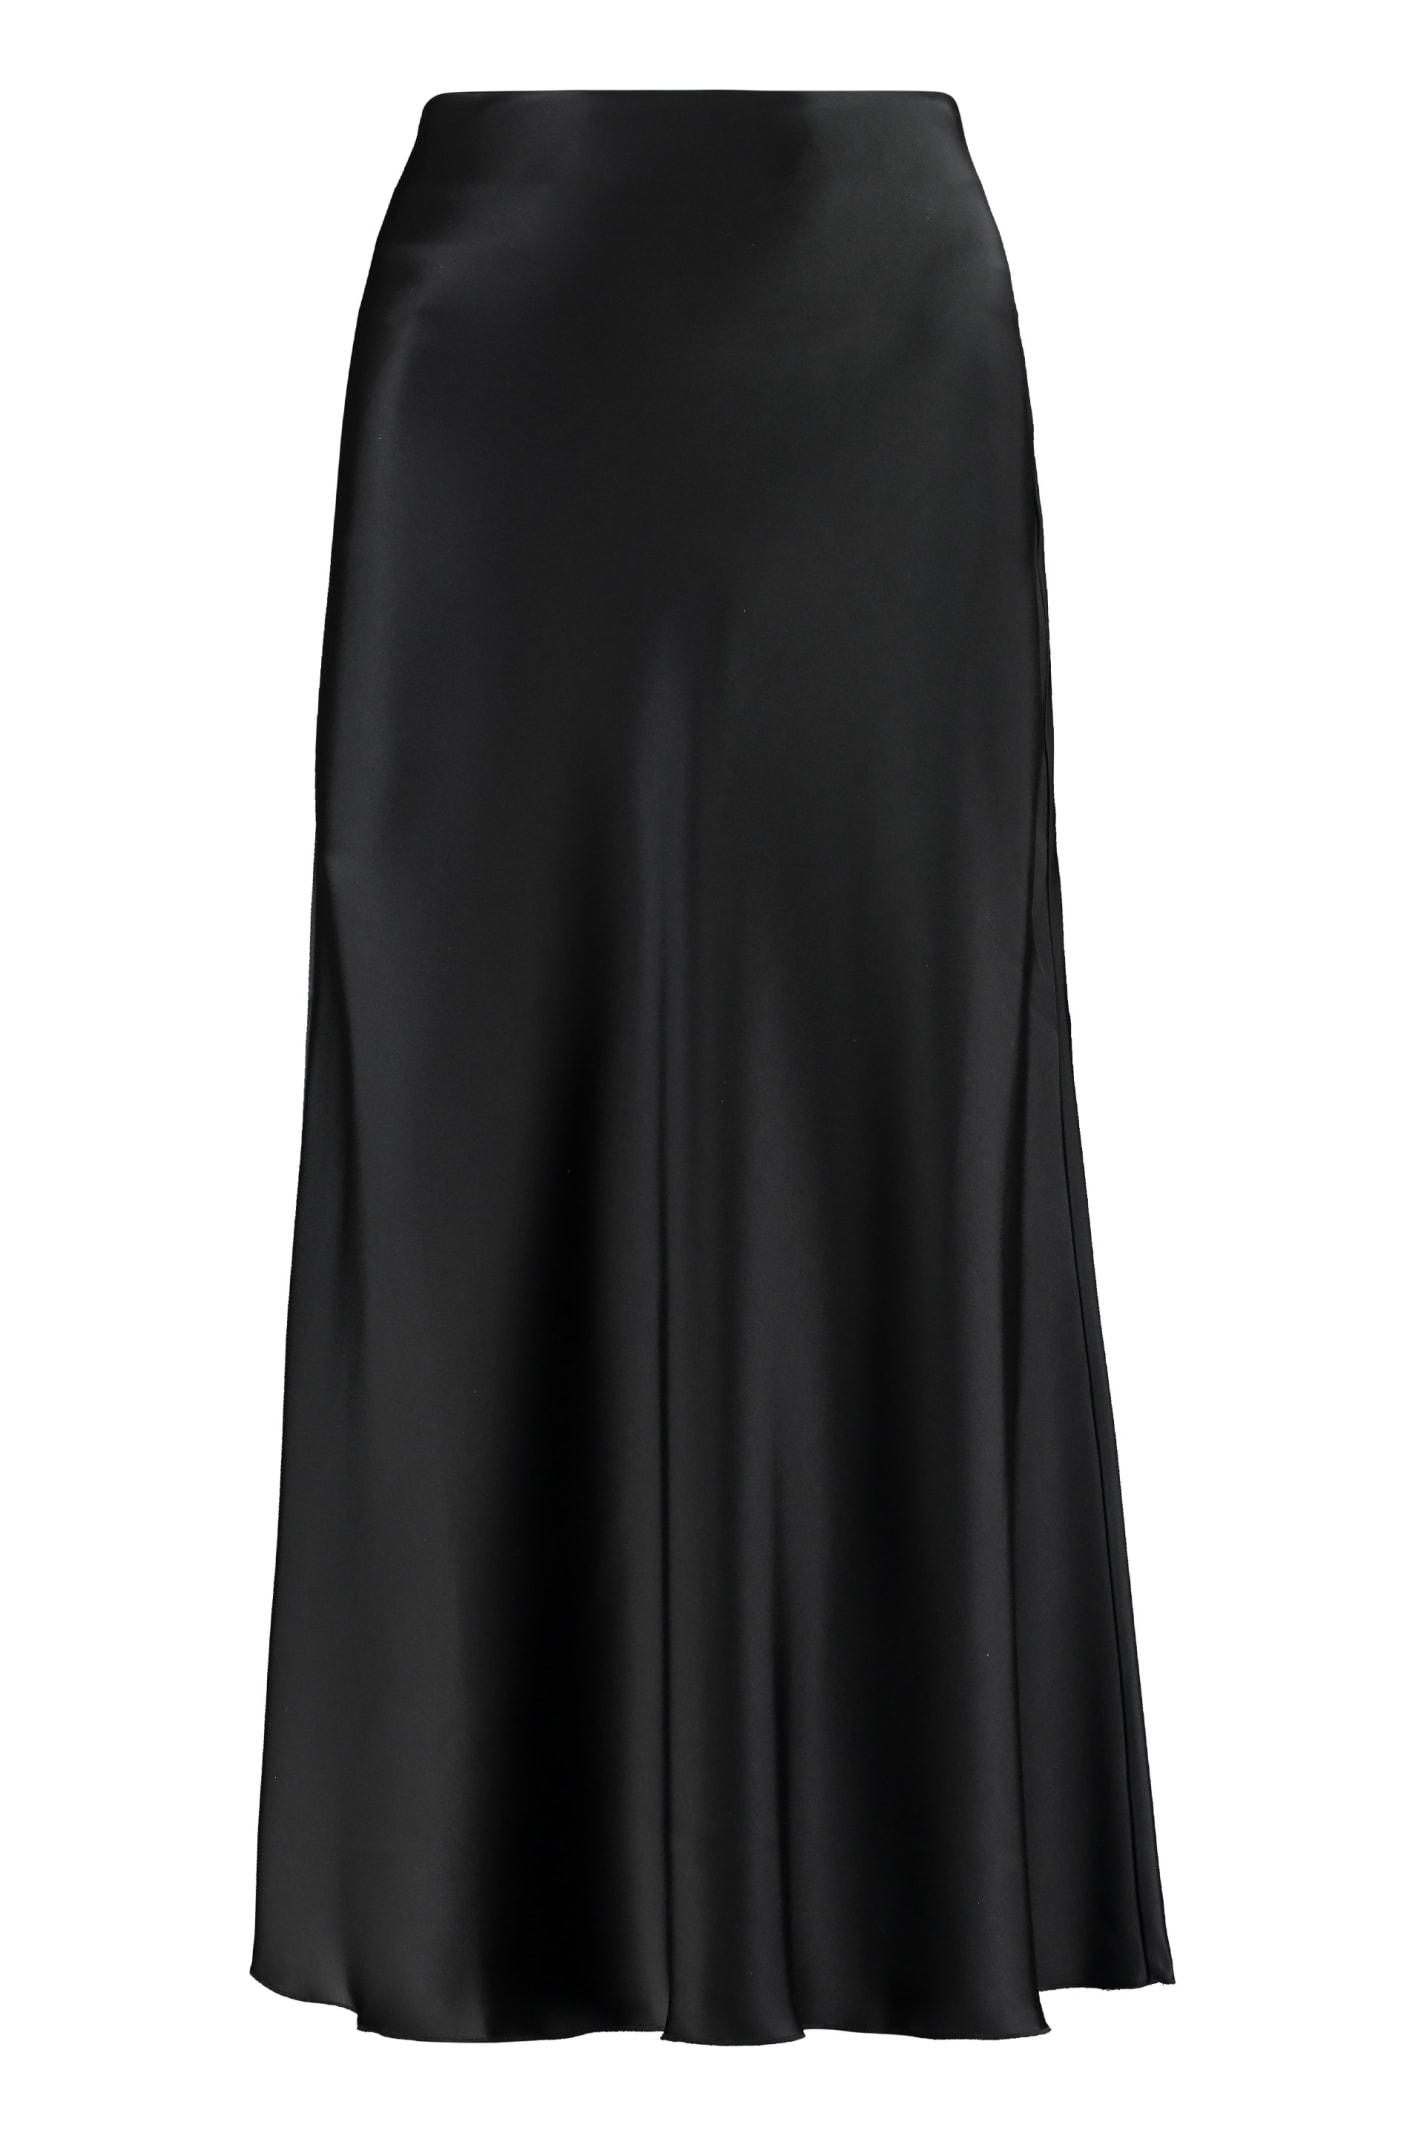 Nanushka Razi Satin Midi Skirt